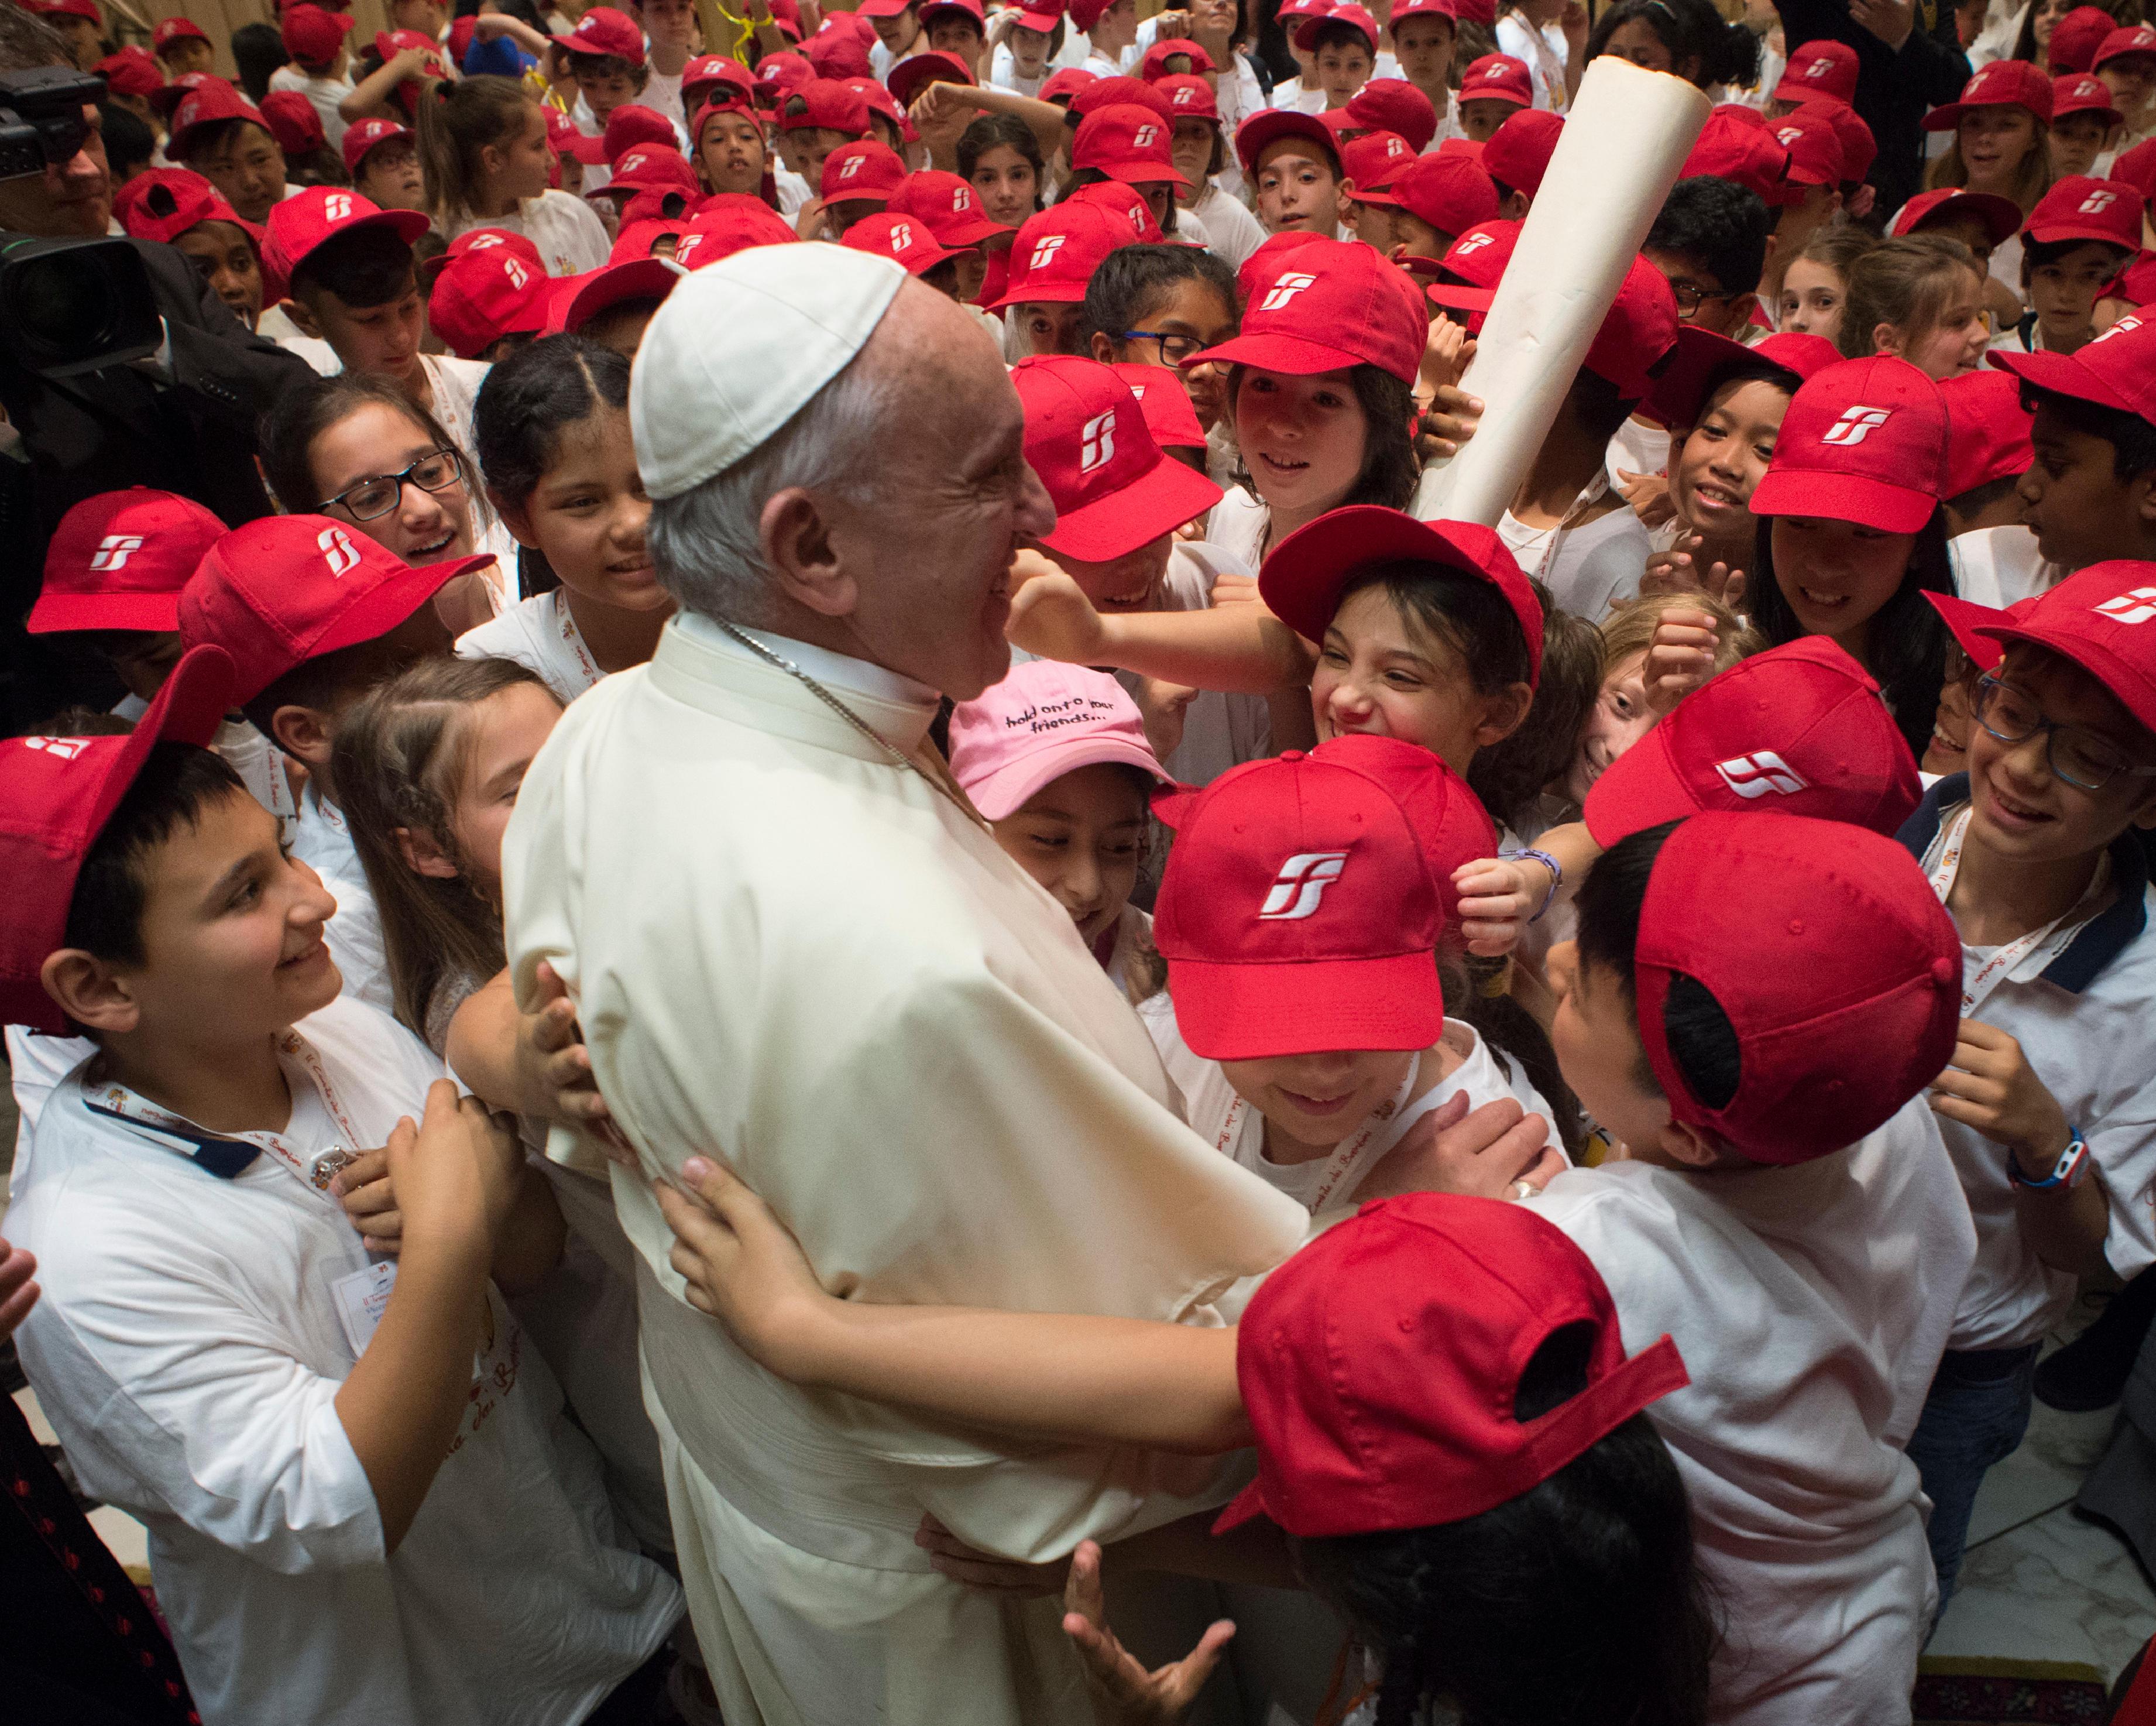 Le Train des enfants 9/6/2018 © Vatican Media